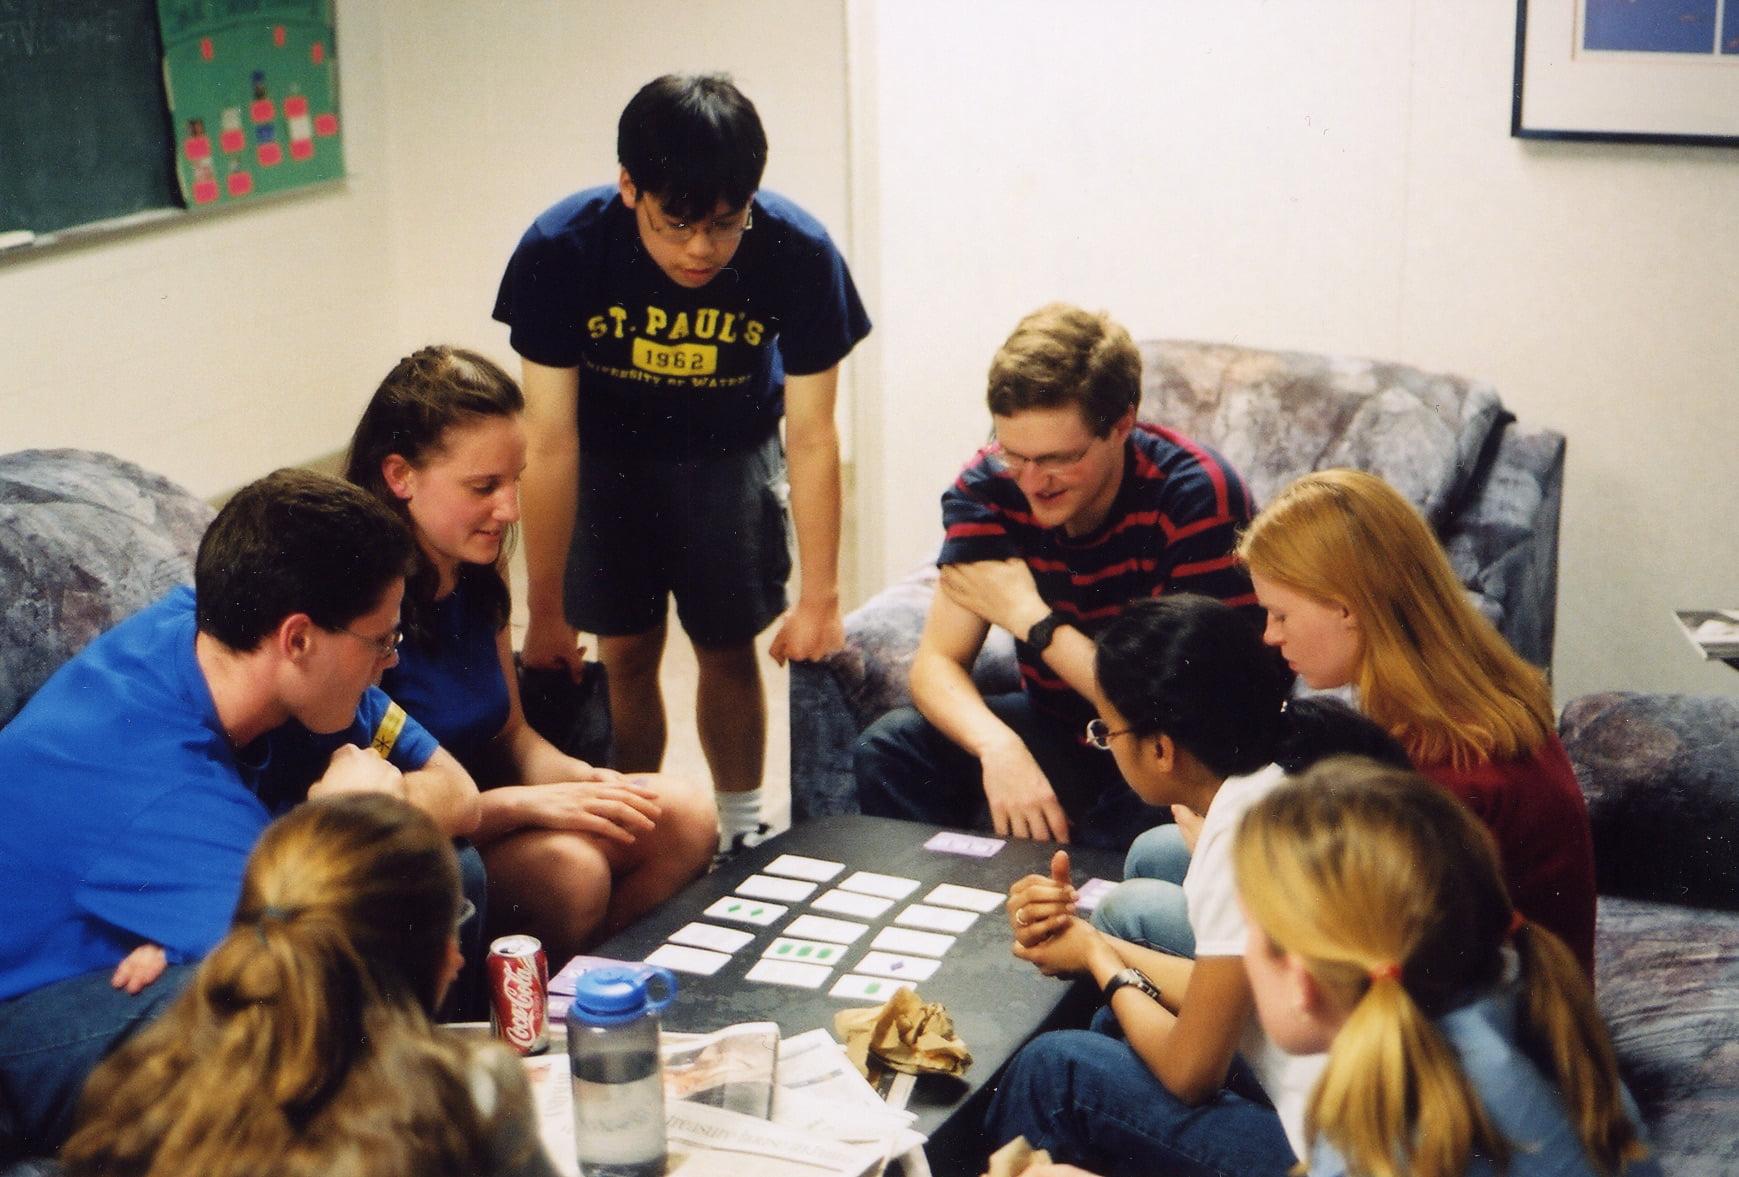 Jocuri de carti Foto: superprofundo.com